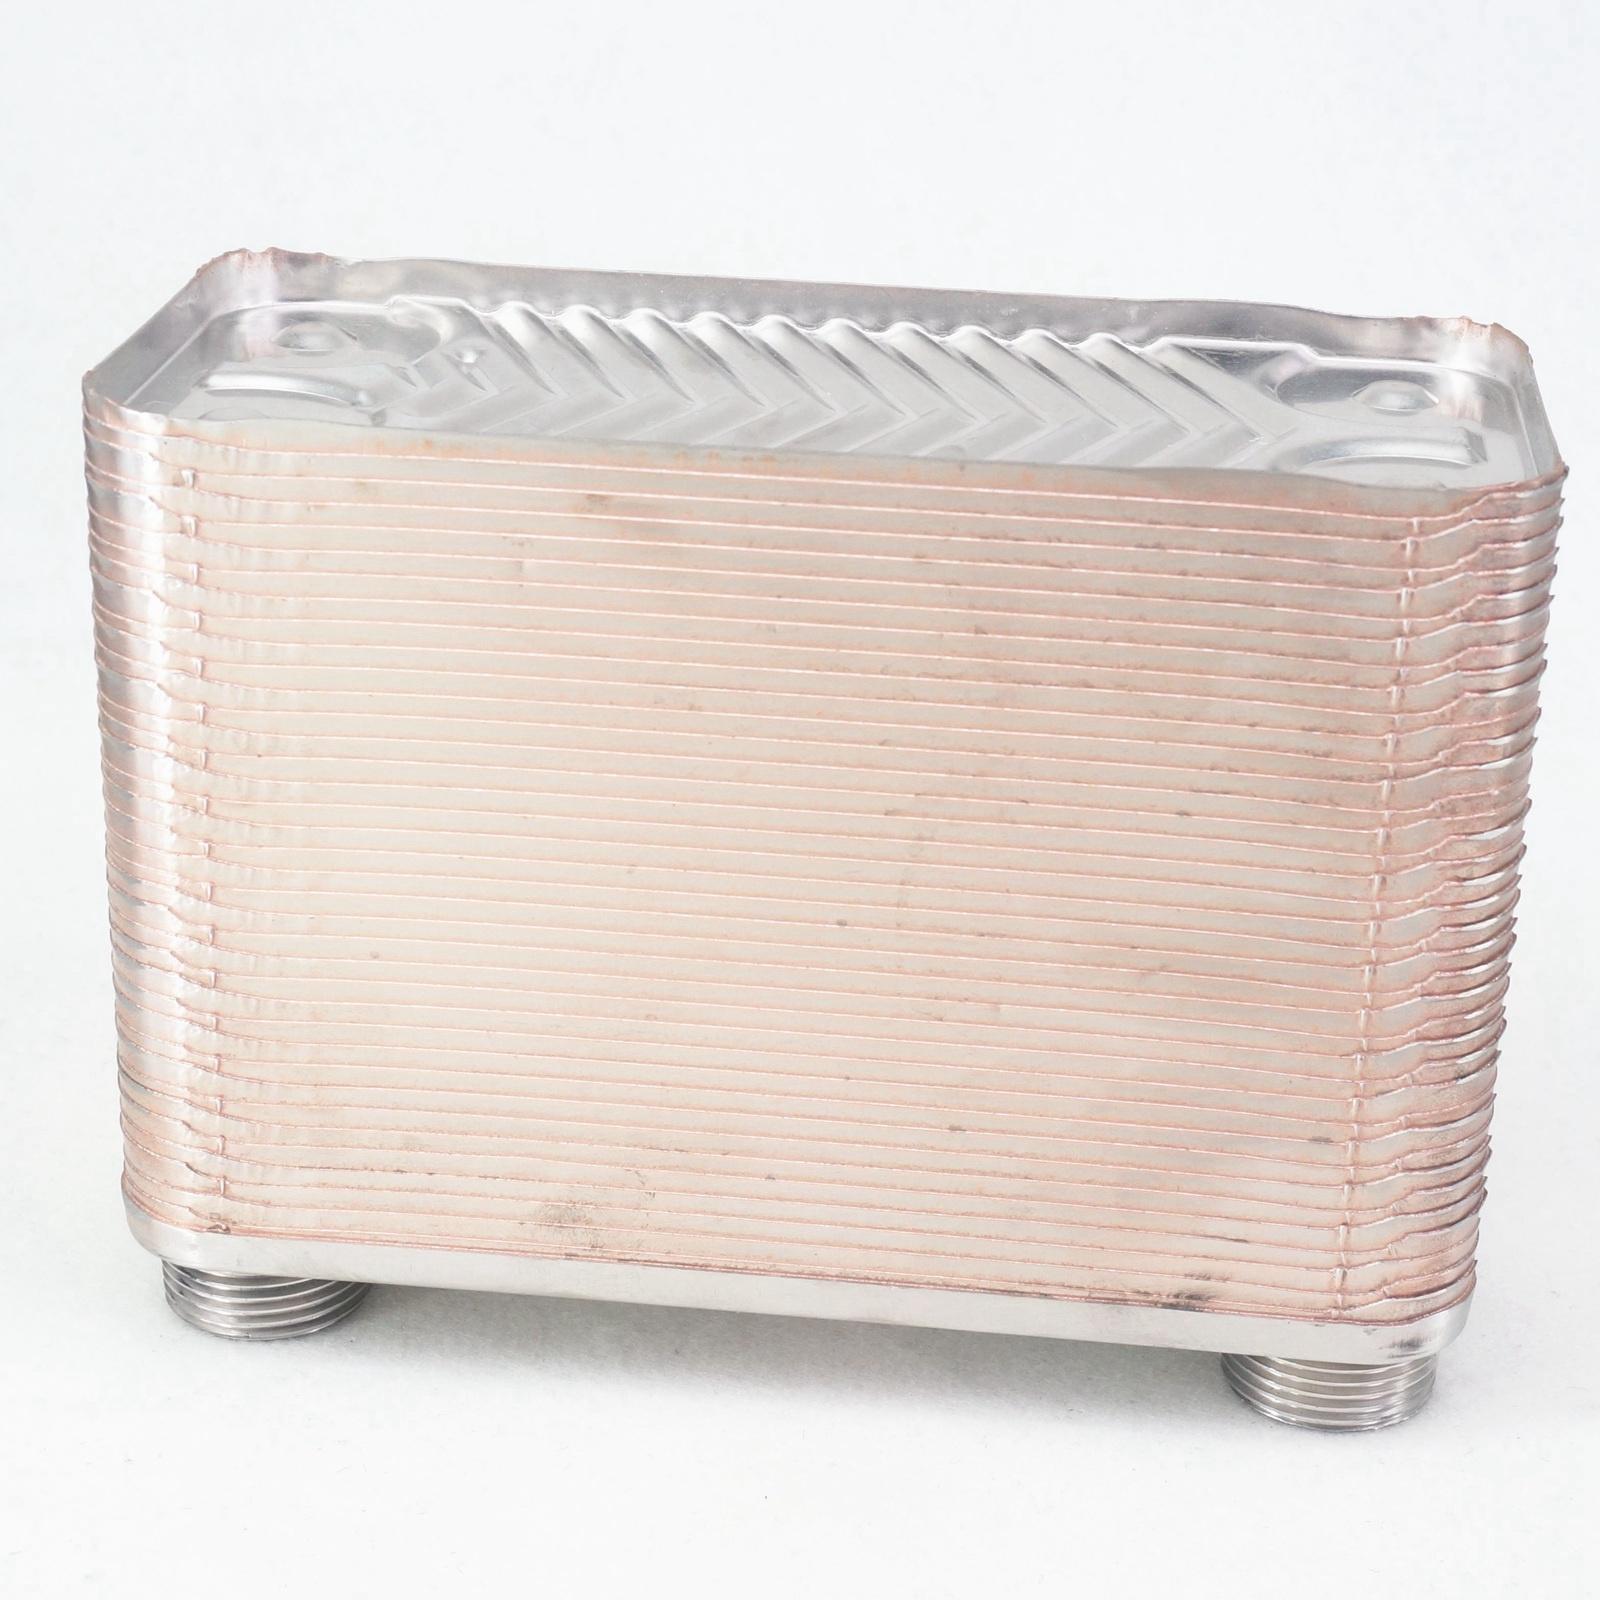 Pumpen-ersatzteile EntrüCkung 38 Platten Würze Chiller Kühler Wärme Tauscher Sus304 Edelstahl Hause Brauen Bier Exquisite Handwerkskunst;